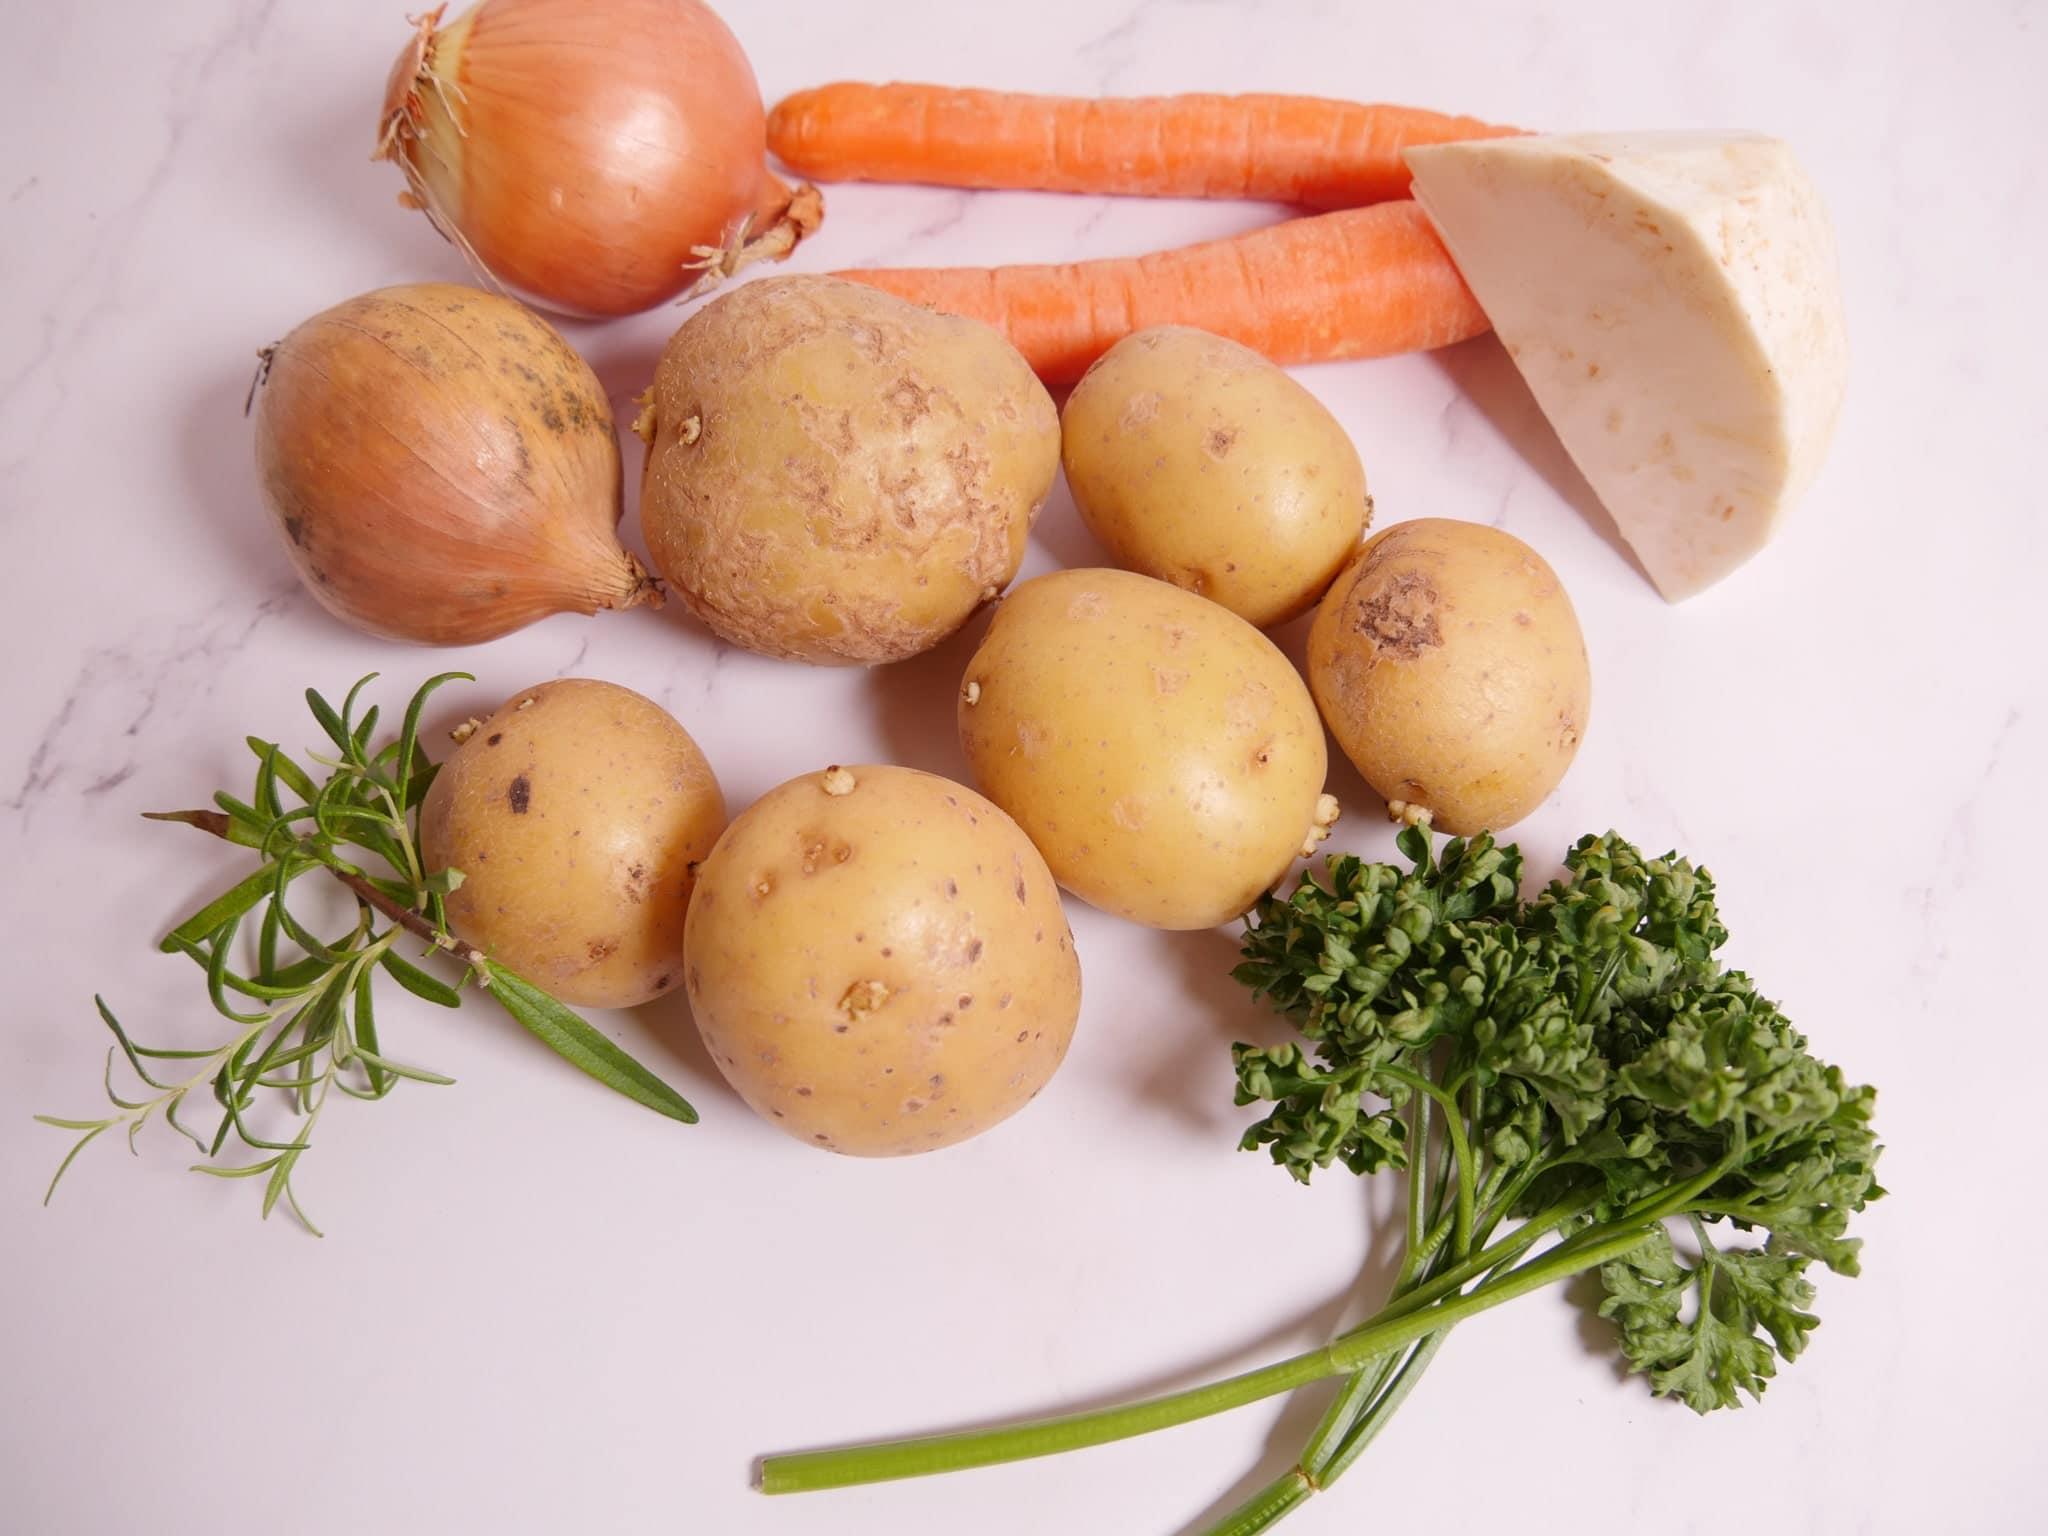 Zutaten für eine Kartoffelsuppe mit Räucherlachs